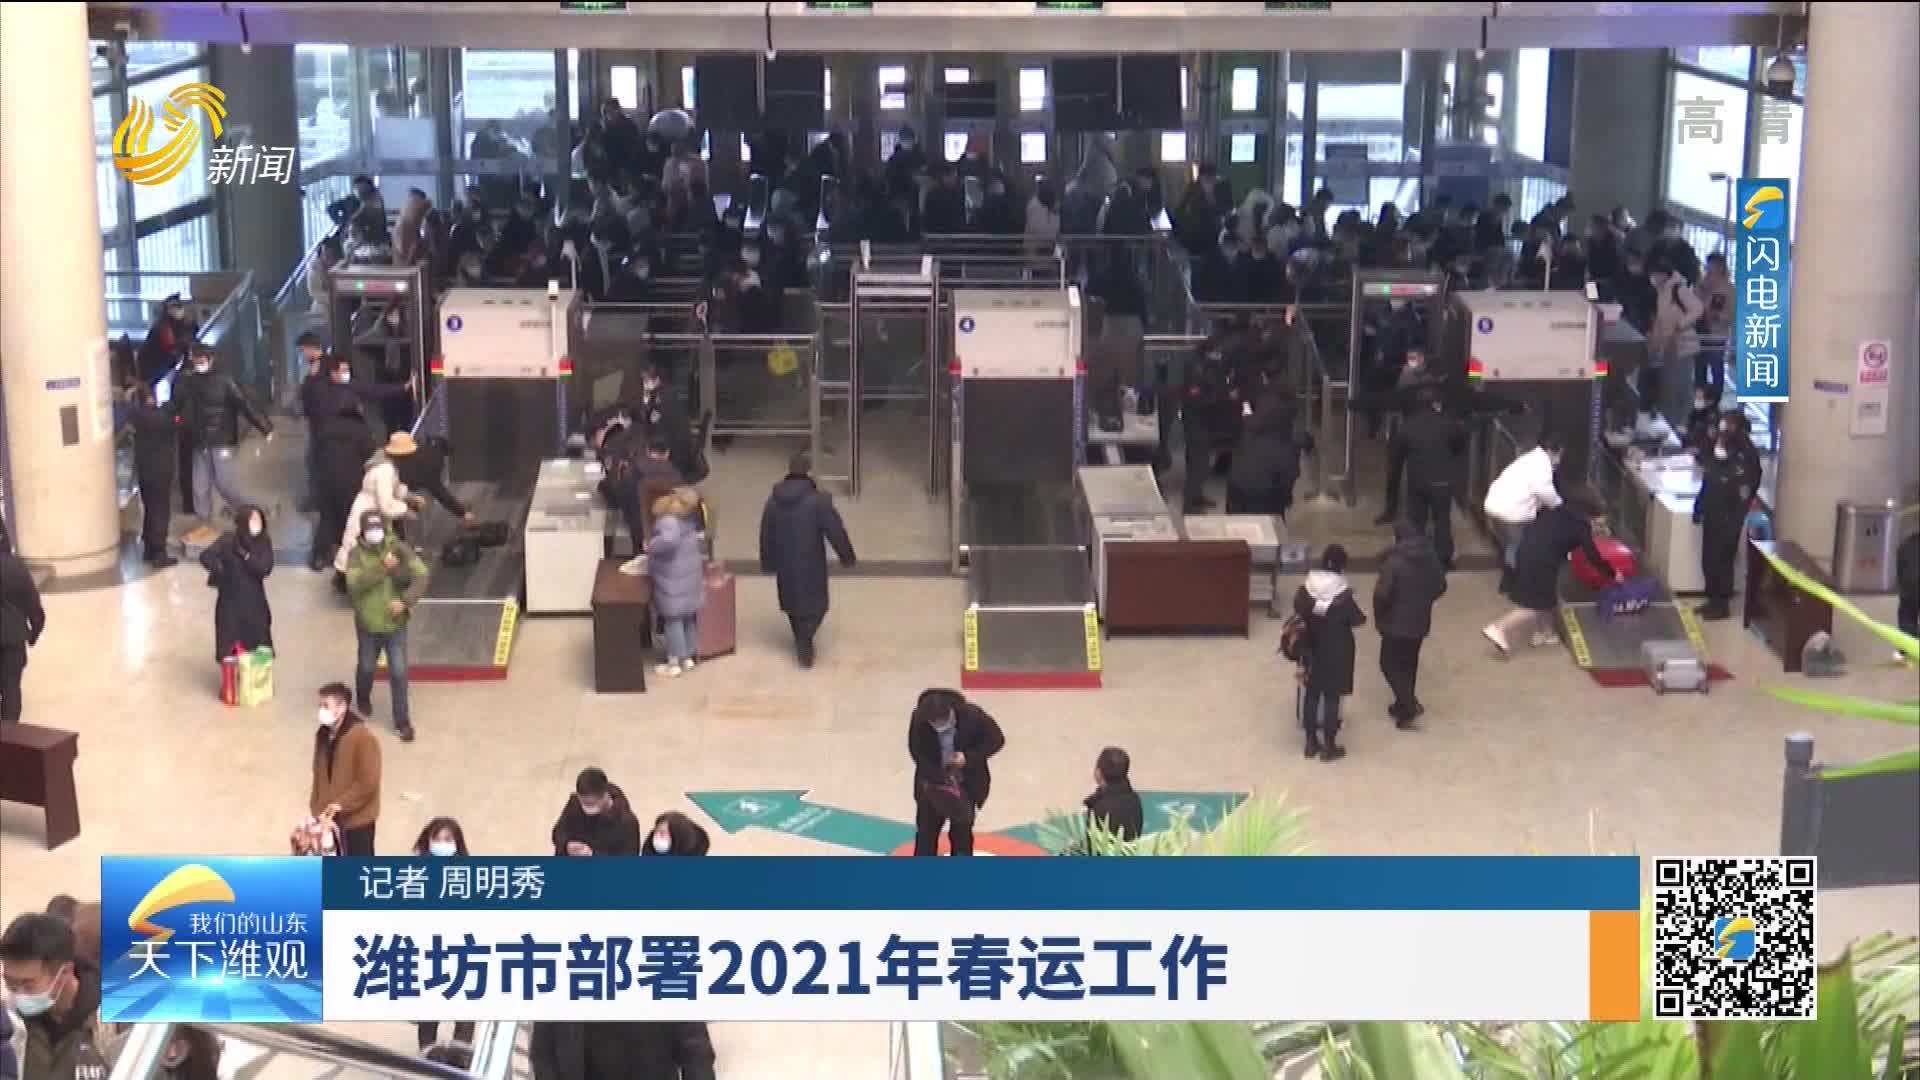 潍坊市安排2021年春运工作